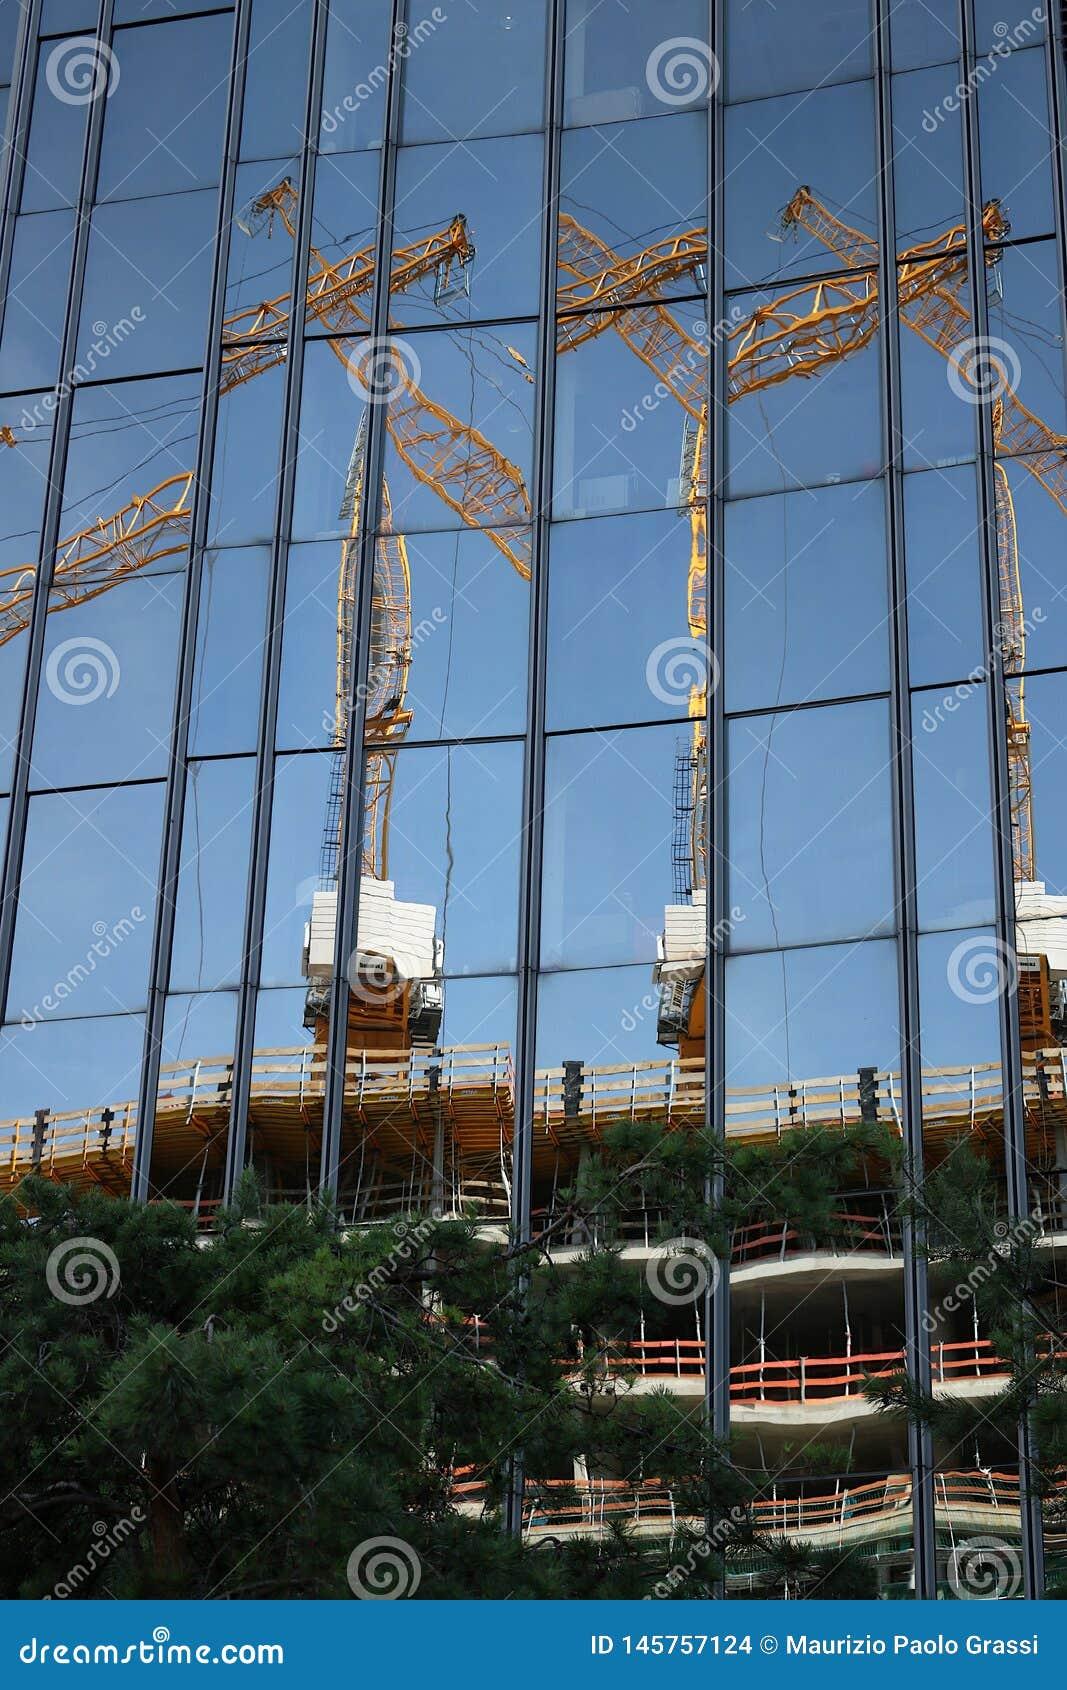 Berl?n 06/14/2008 Fachada de cristal de un edificio con la reflexi?n de un emplazamiento de la obra Gr?as y andamio